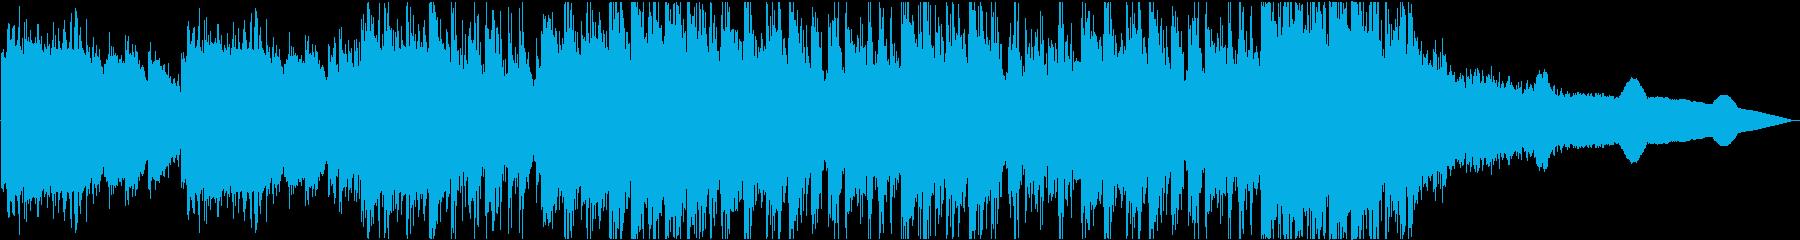 ゲームの戦闘イメージのピアノデジロックの再生済みの波形